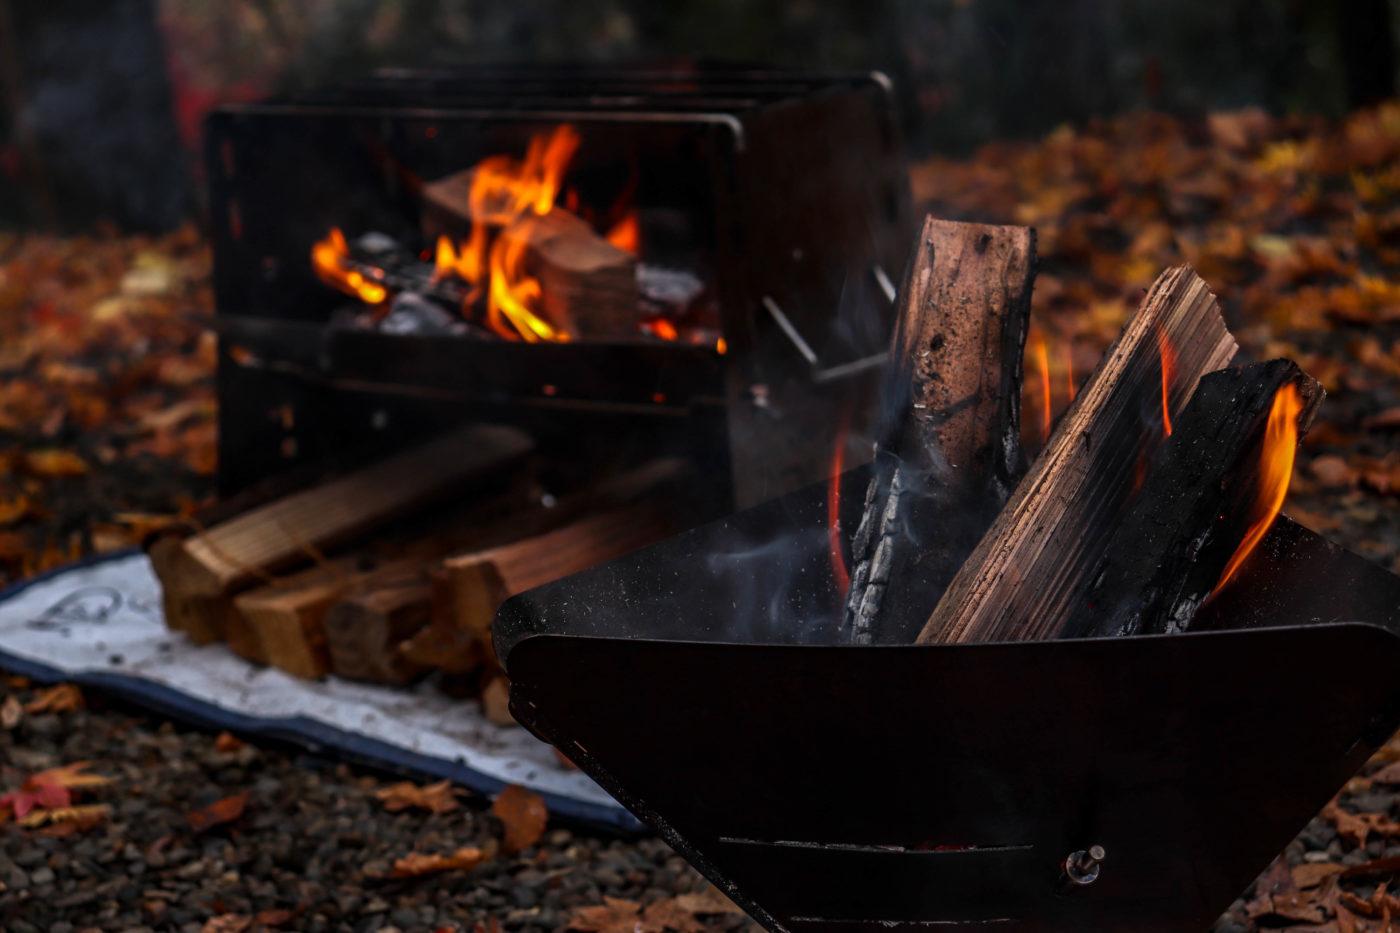 Our'sの焚き火台